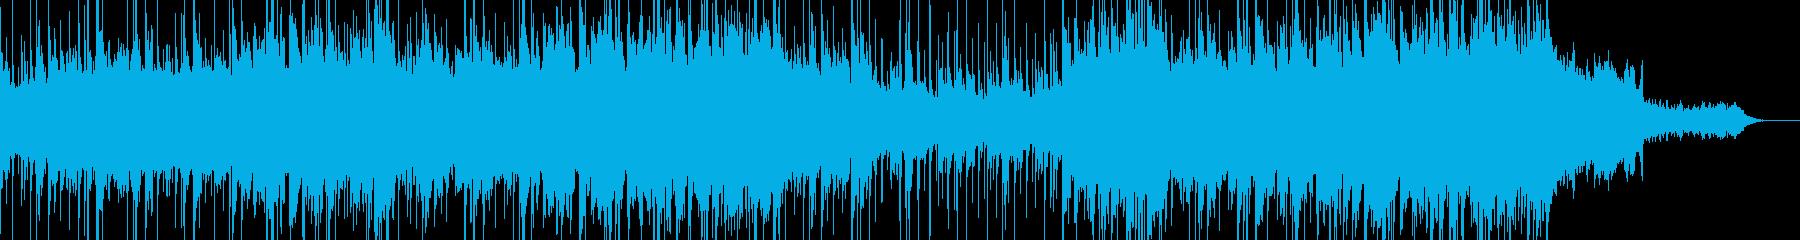 ダイナミックなパーカッション、スト...の再生済みの波形